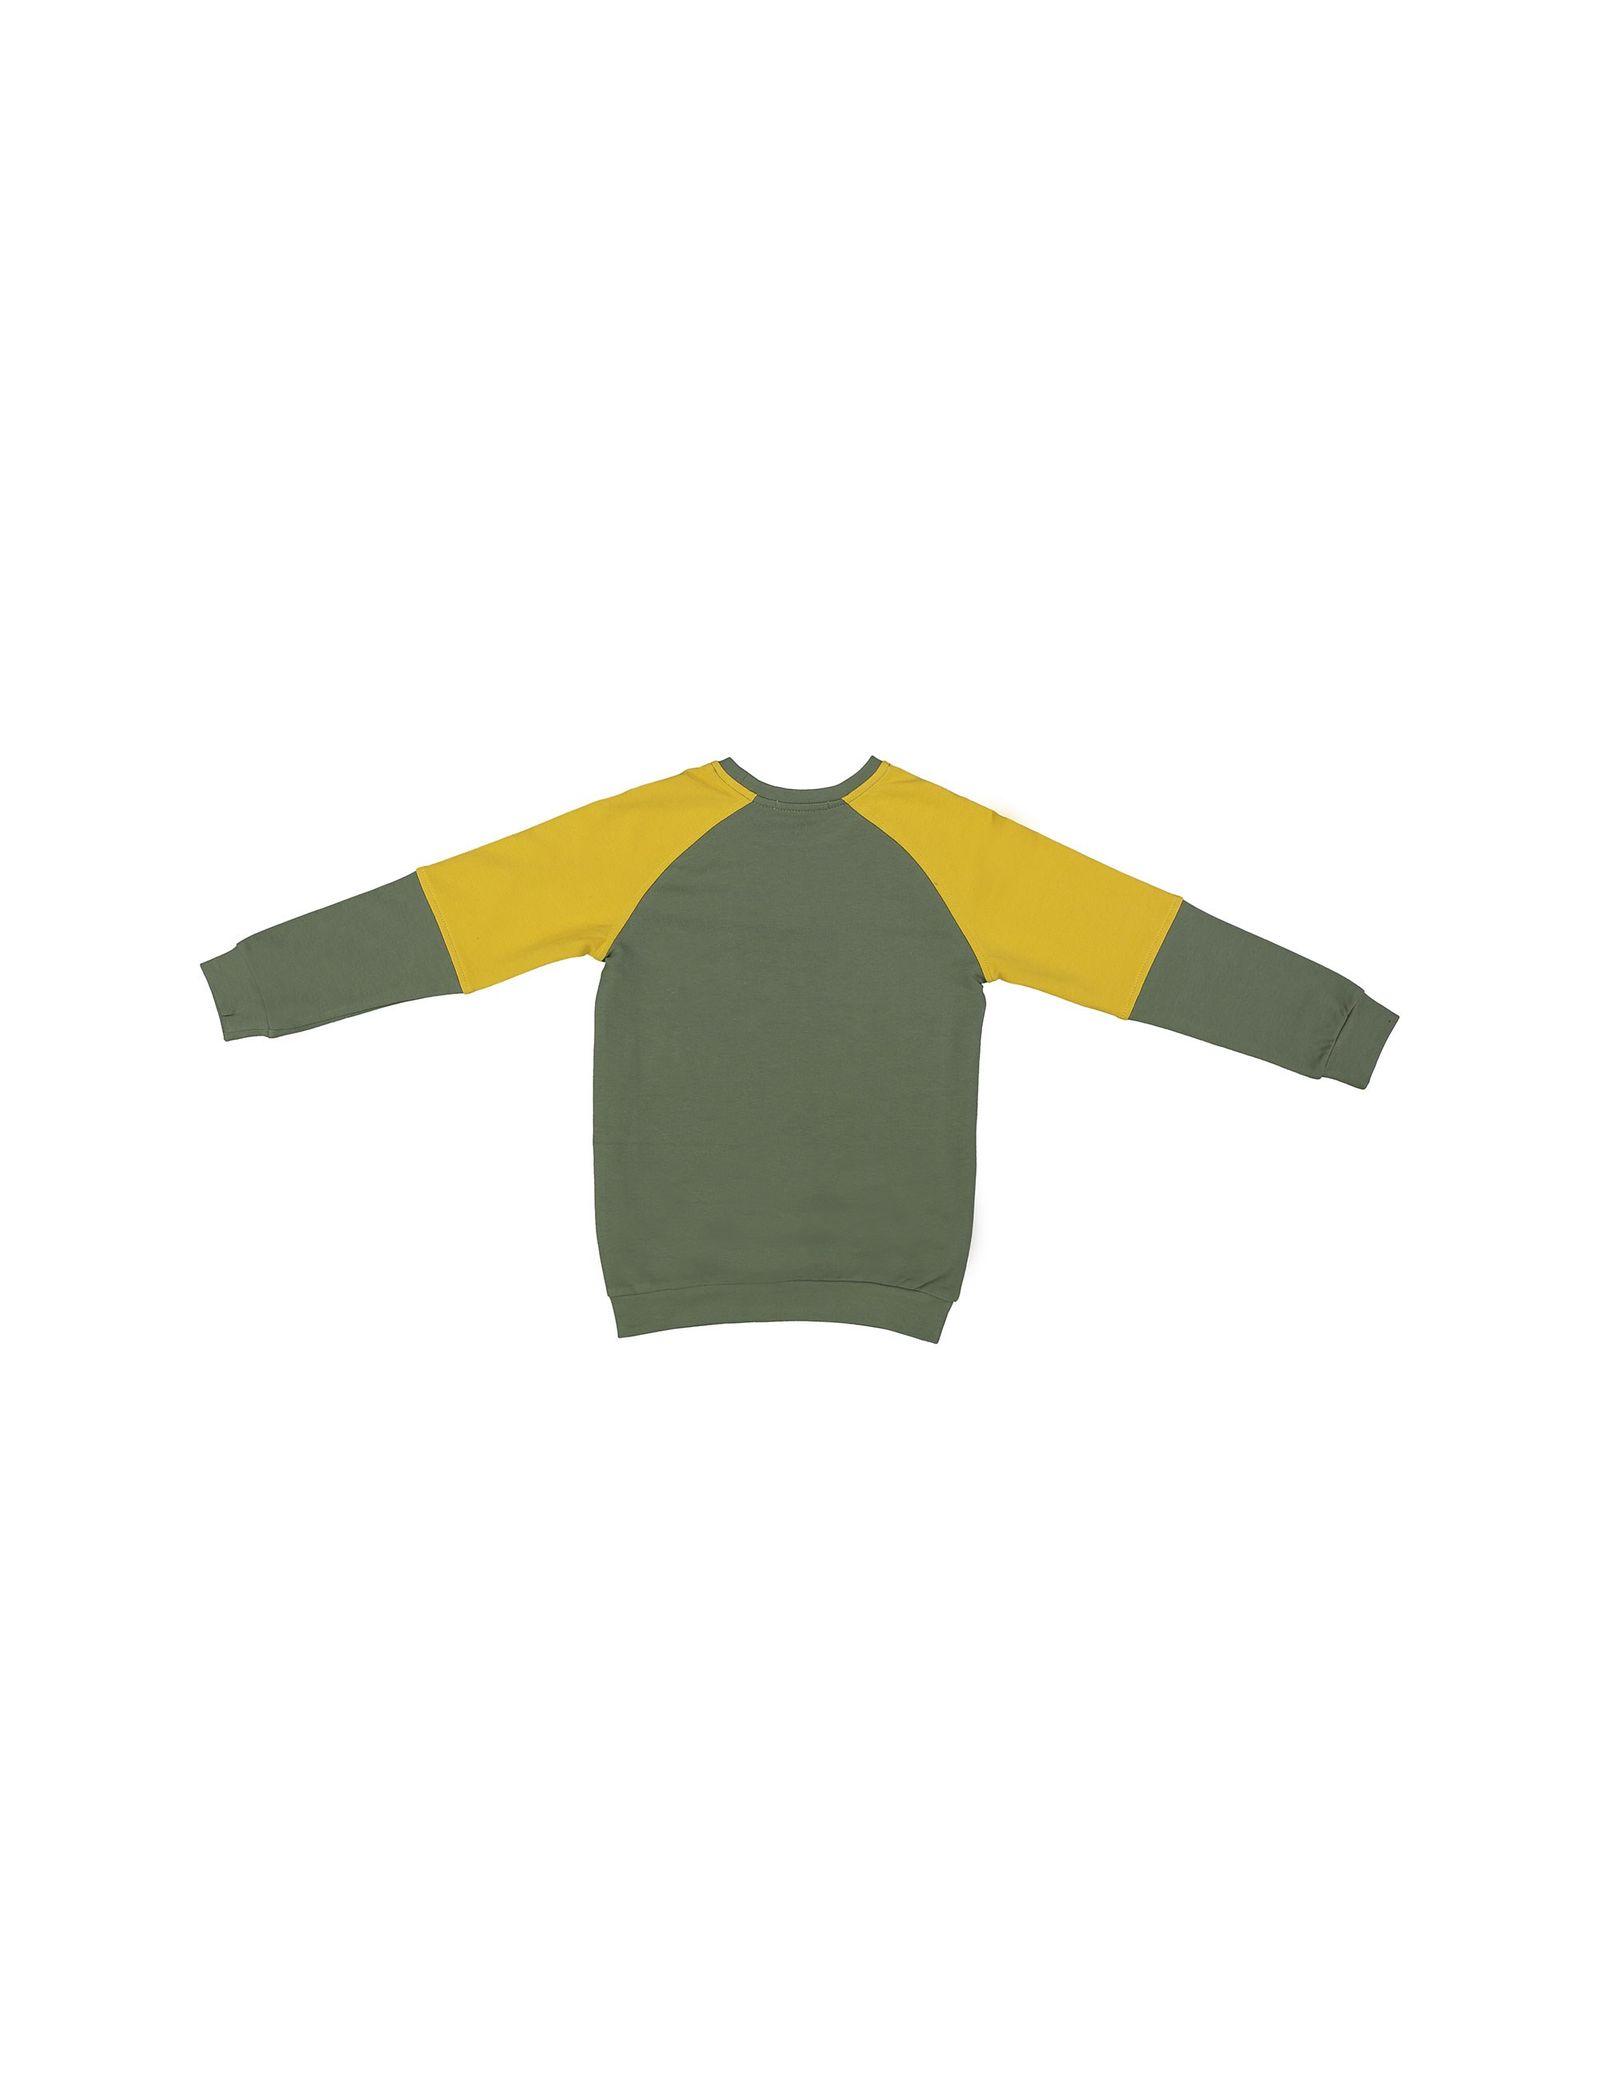 پیراهن و شلوار پسرانه - پیانو - سبز - 3